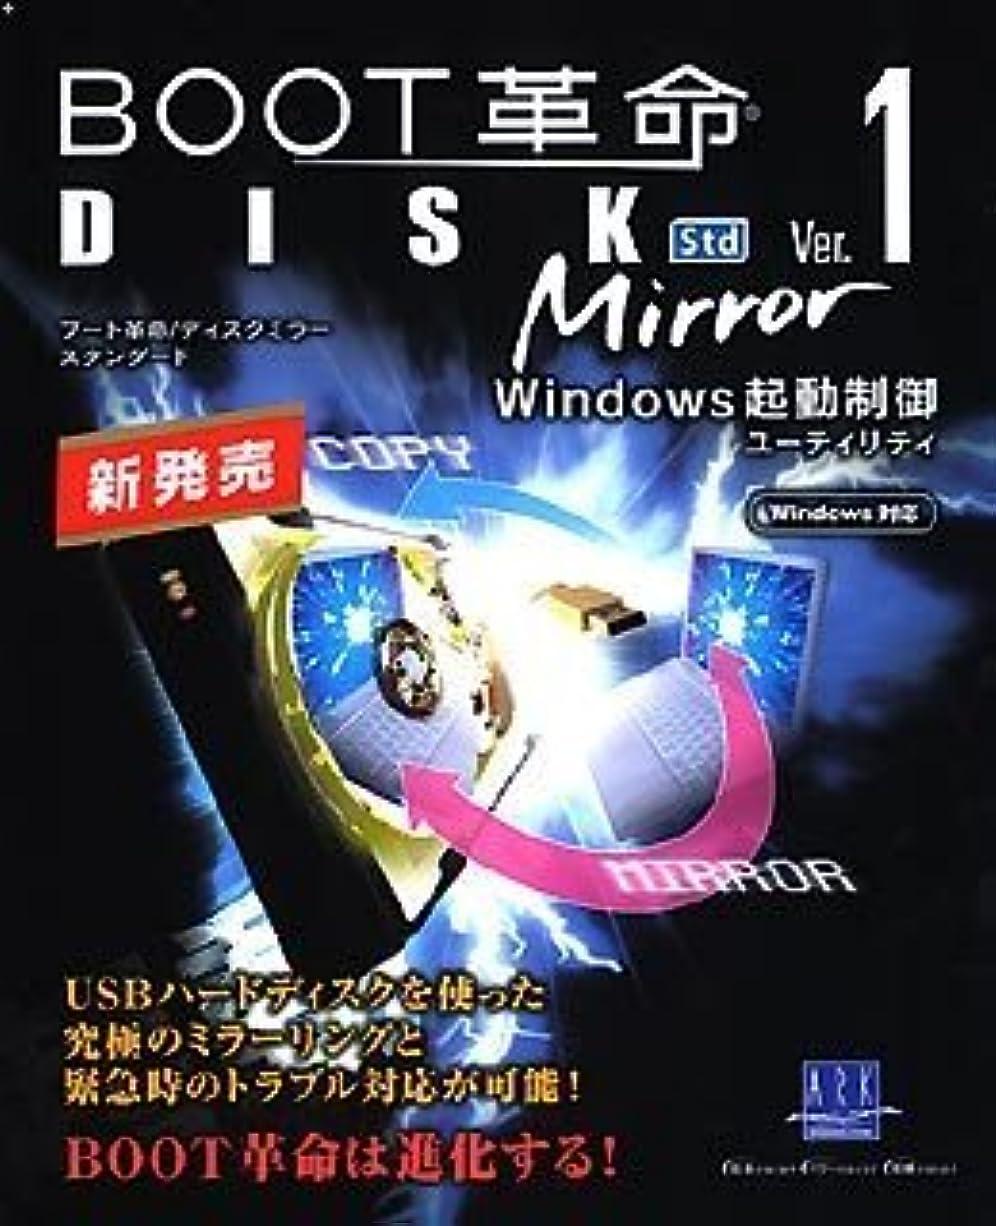 安全そっと靴BOOT革命/Disk Mirror Ver.1 Std